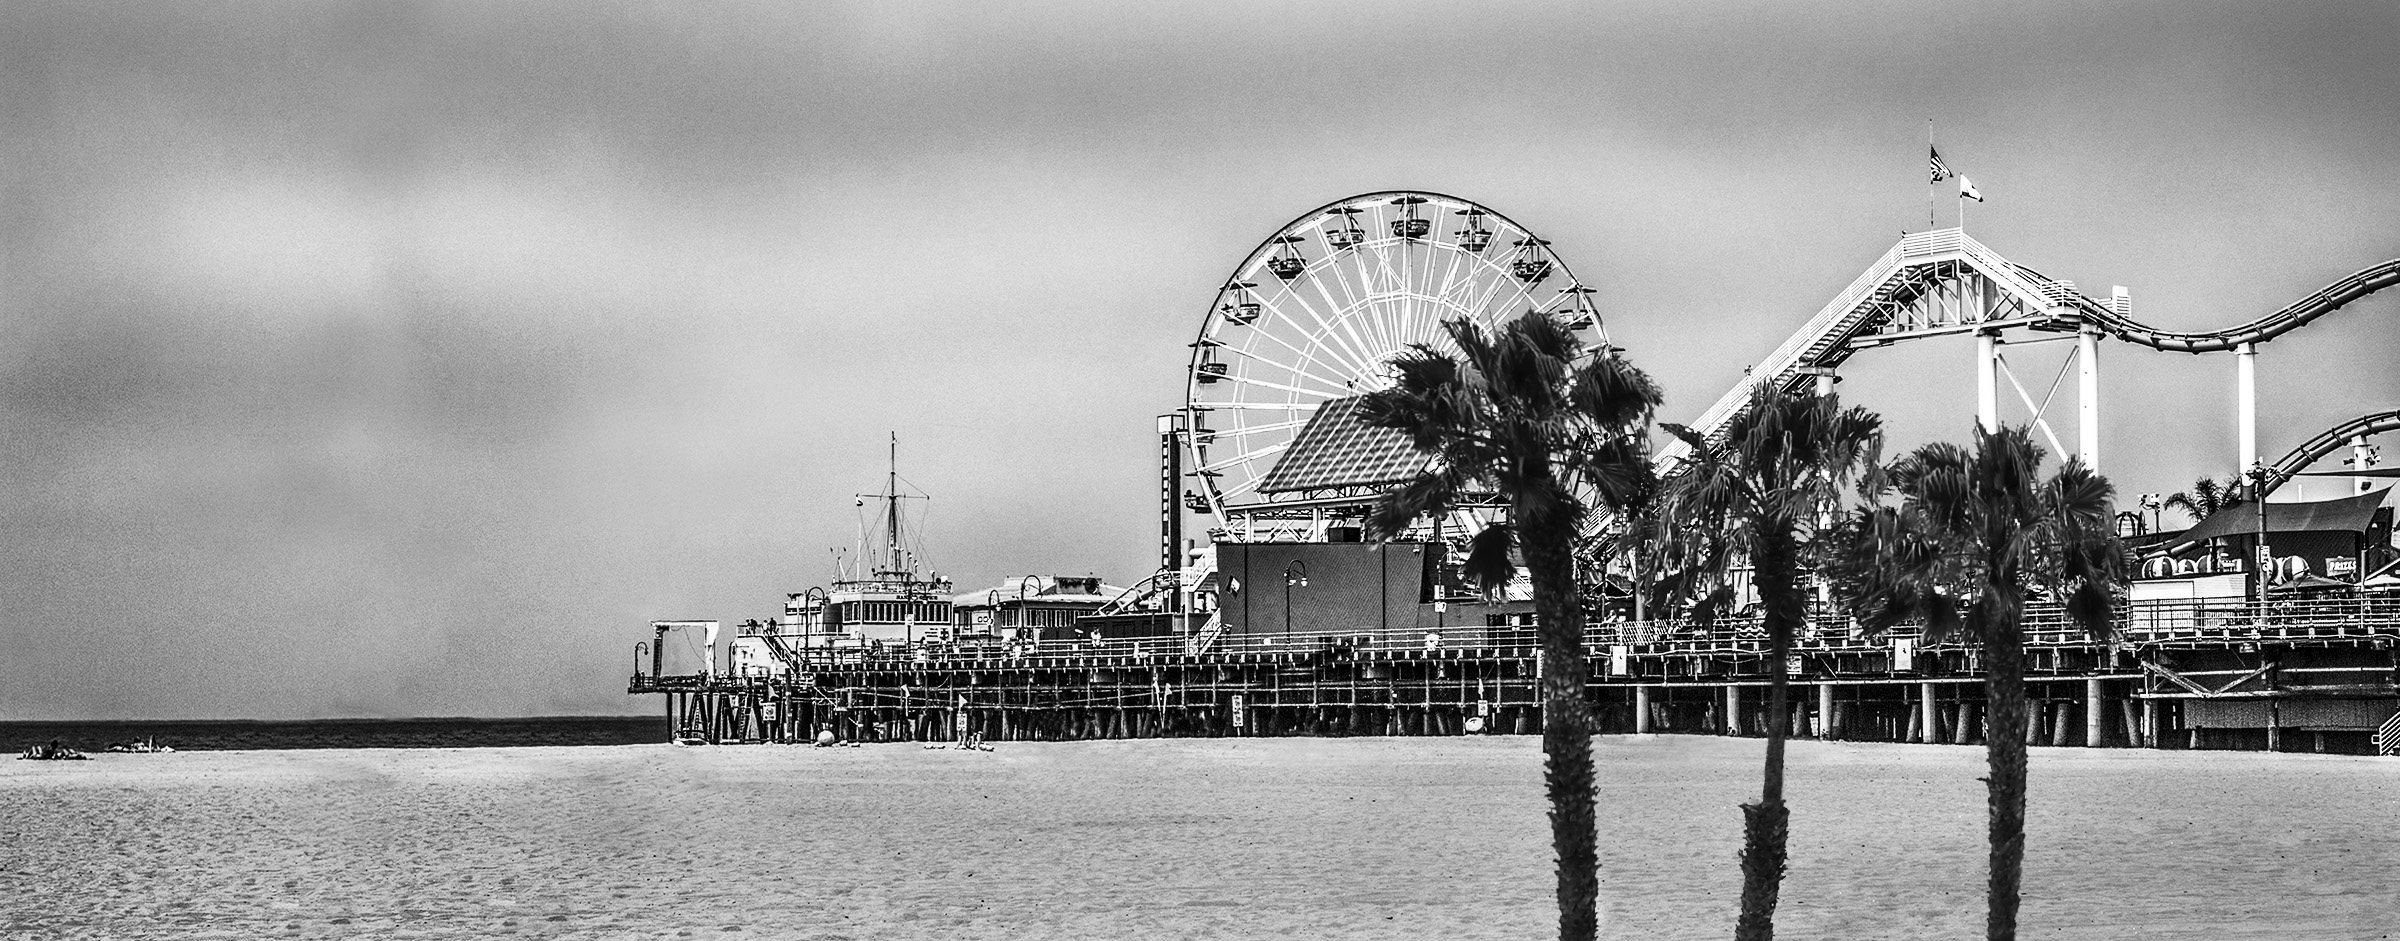 Santa Monica Fun by Rich J. Velasco